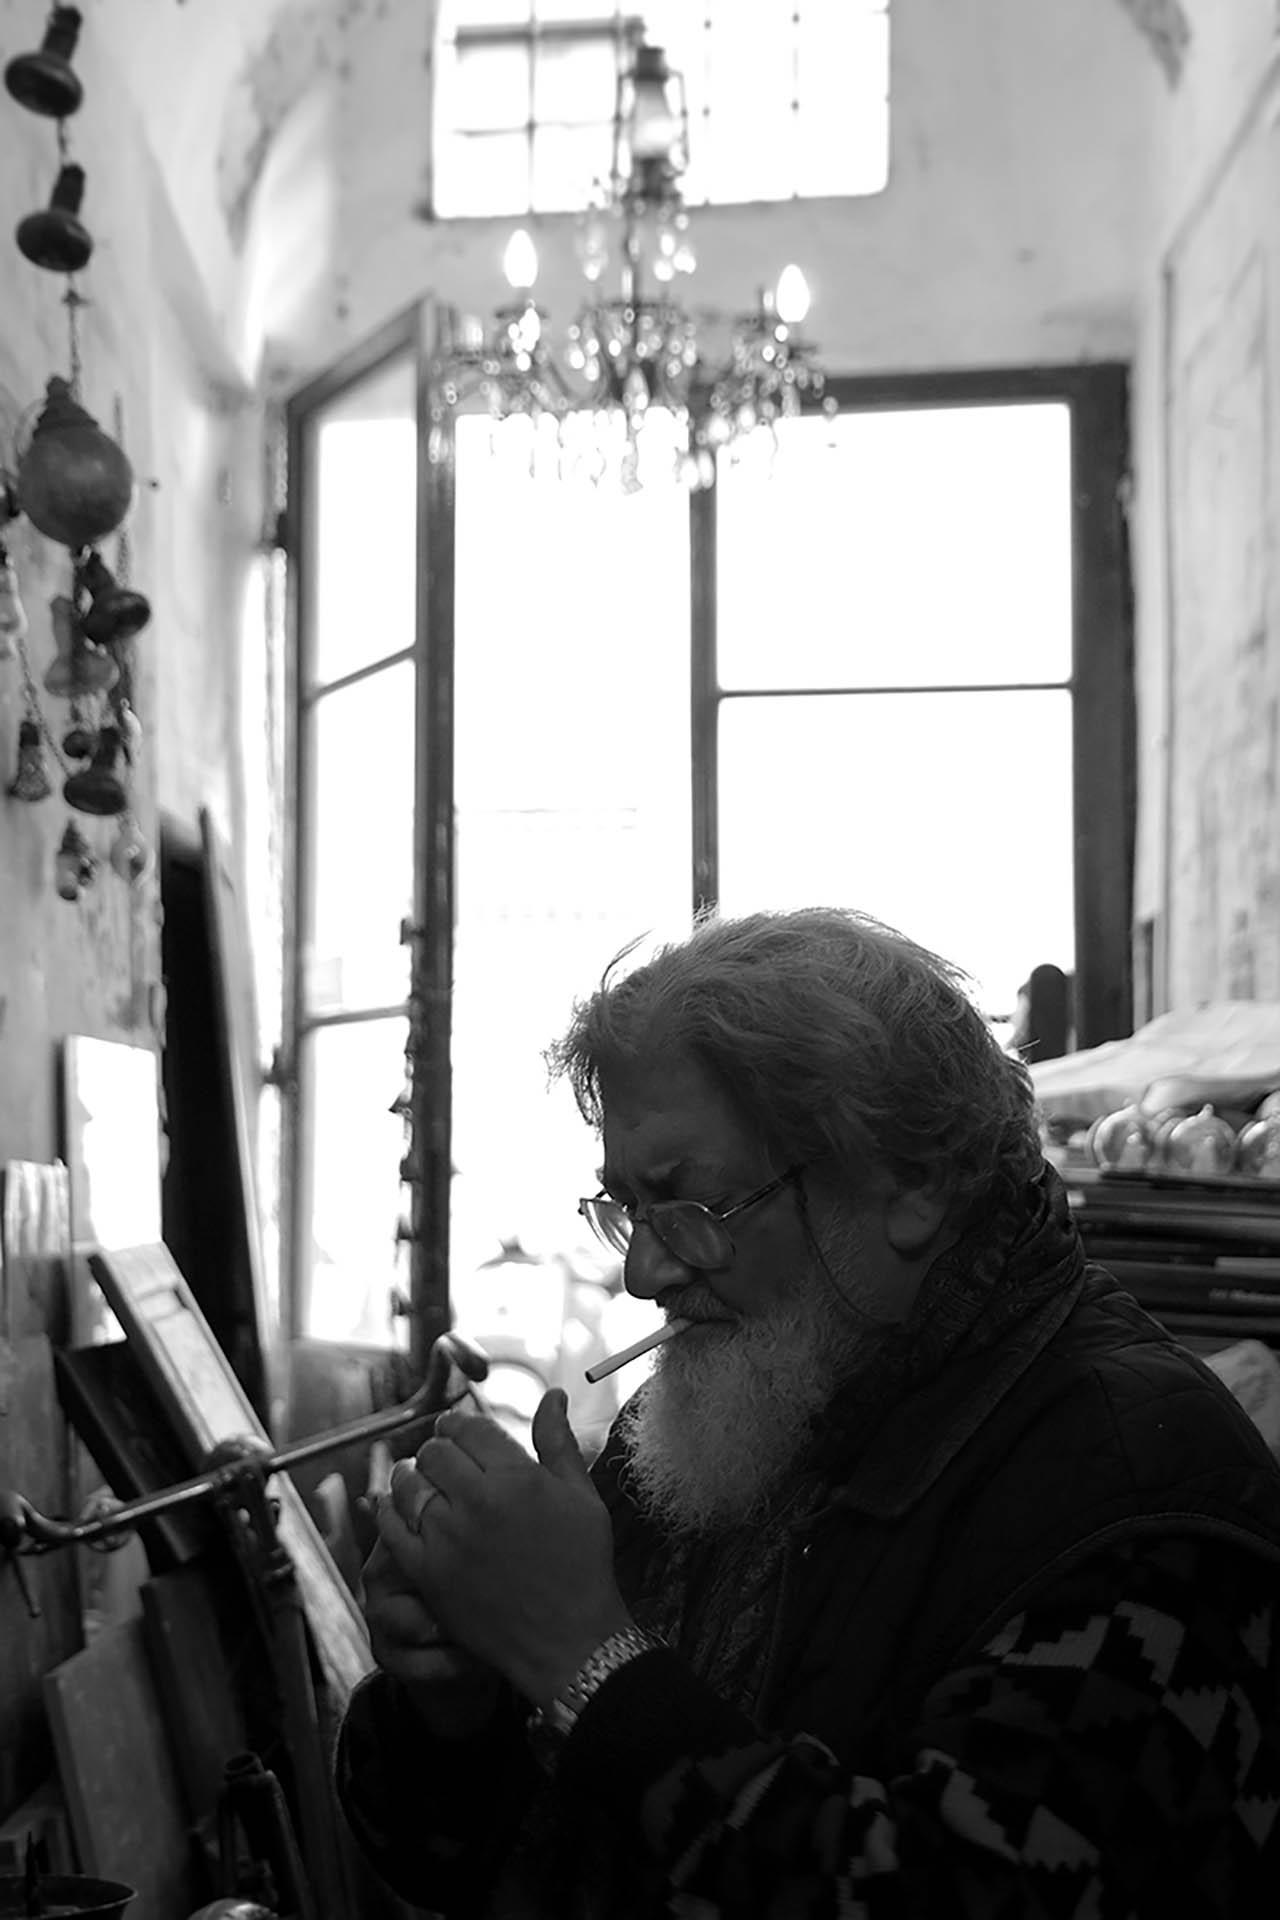 Gianni Silvestri